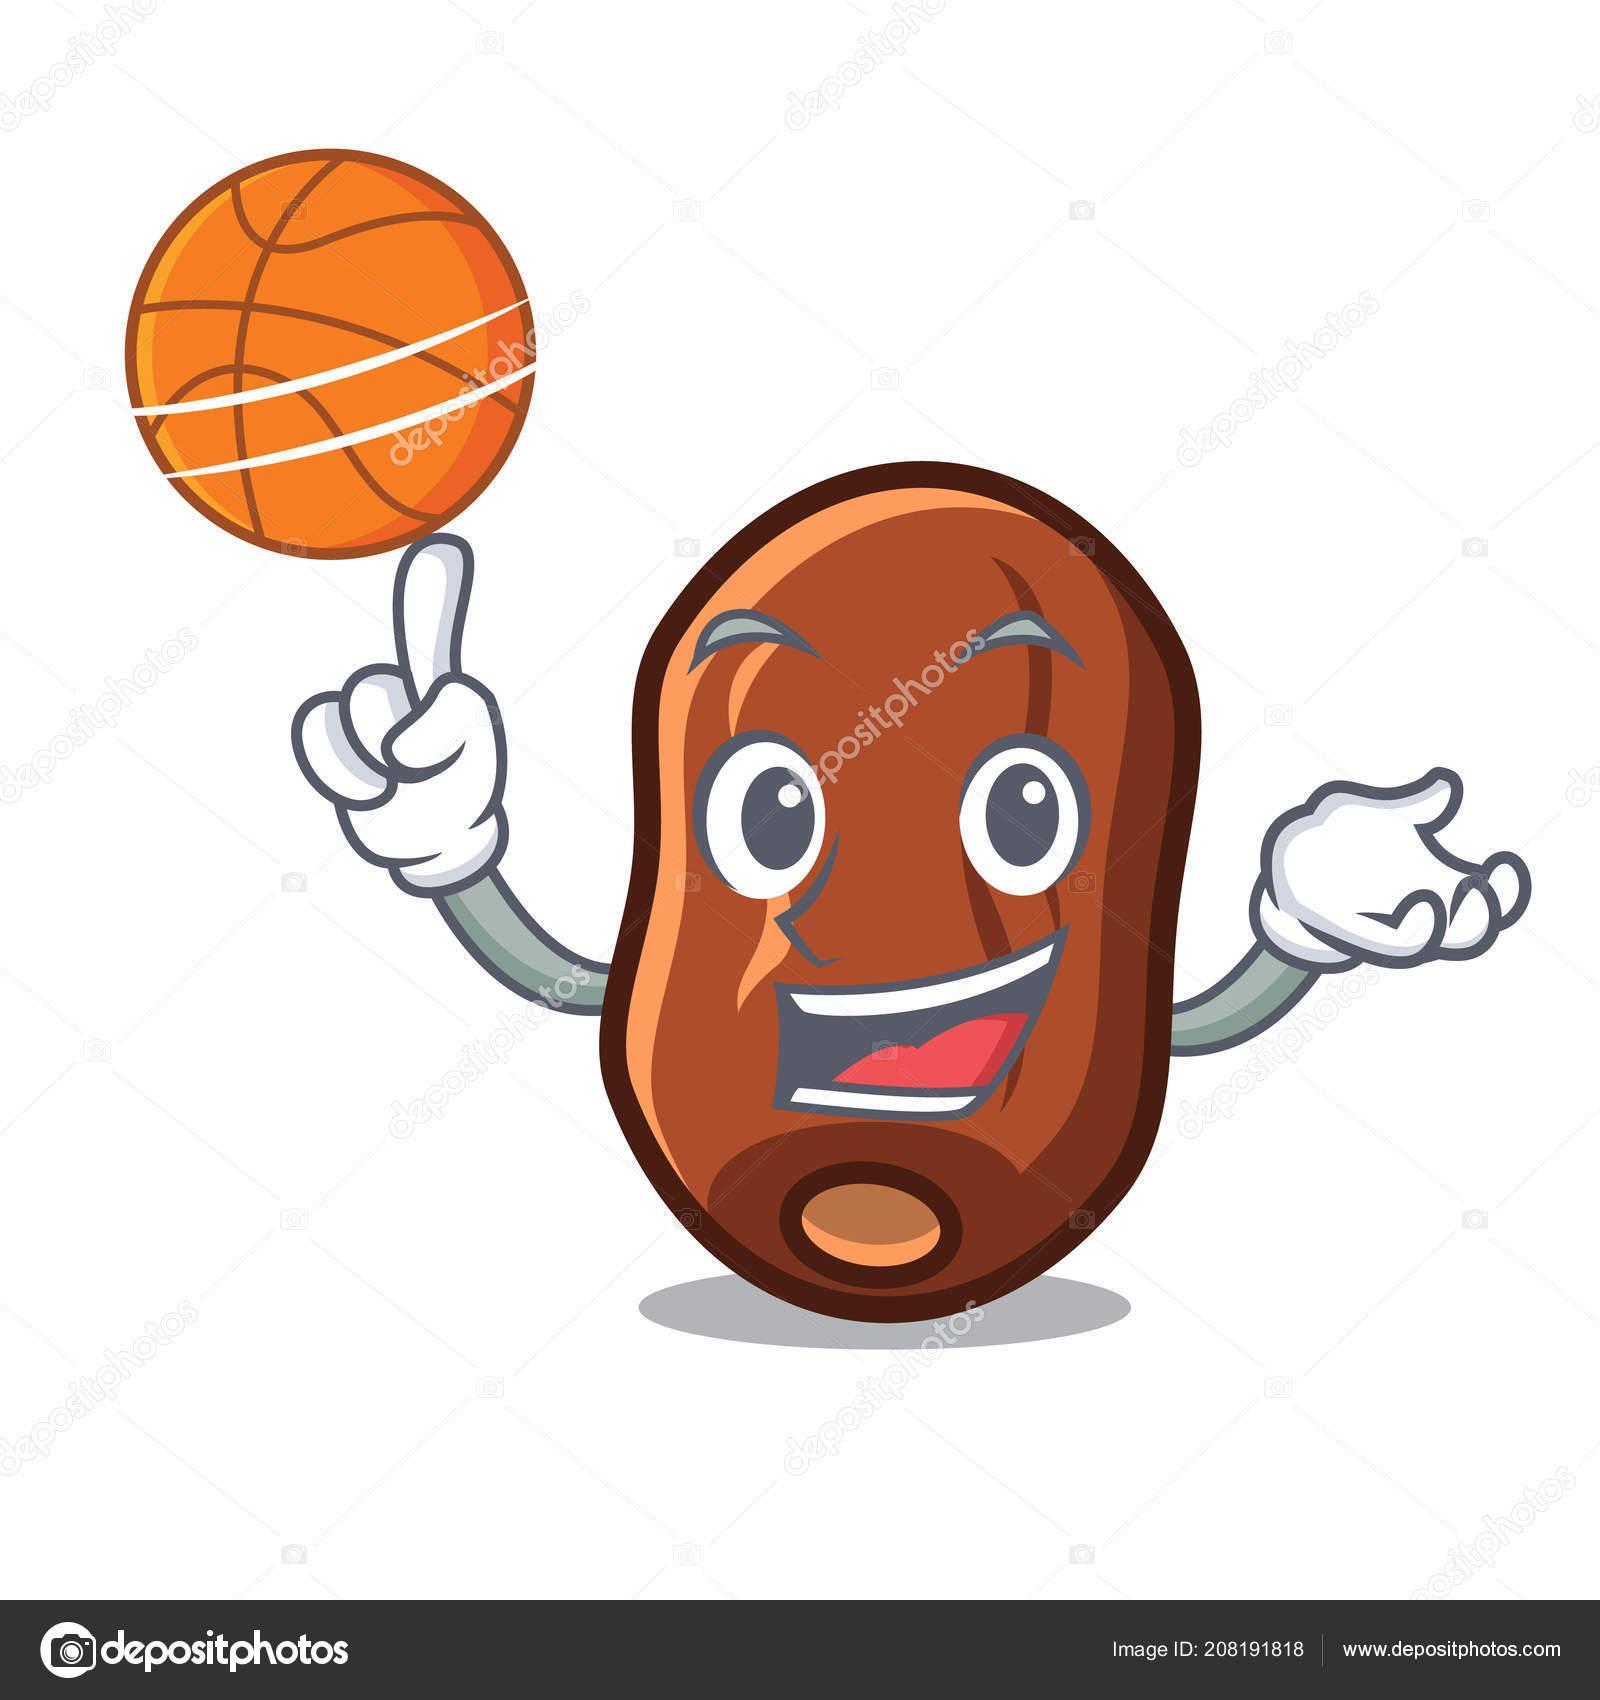 Basketbal Data Ovocny Charakter Kreslene Vektorove Ilustrace Stock